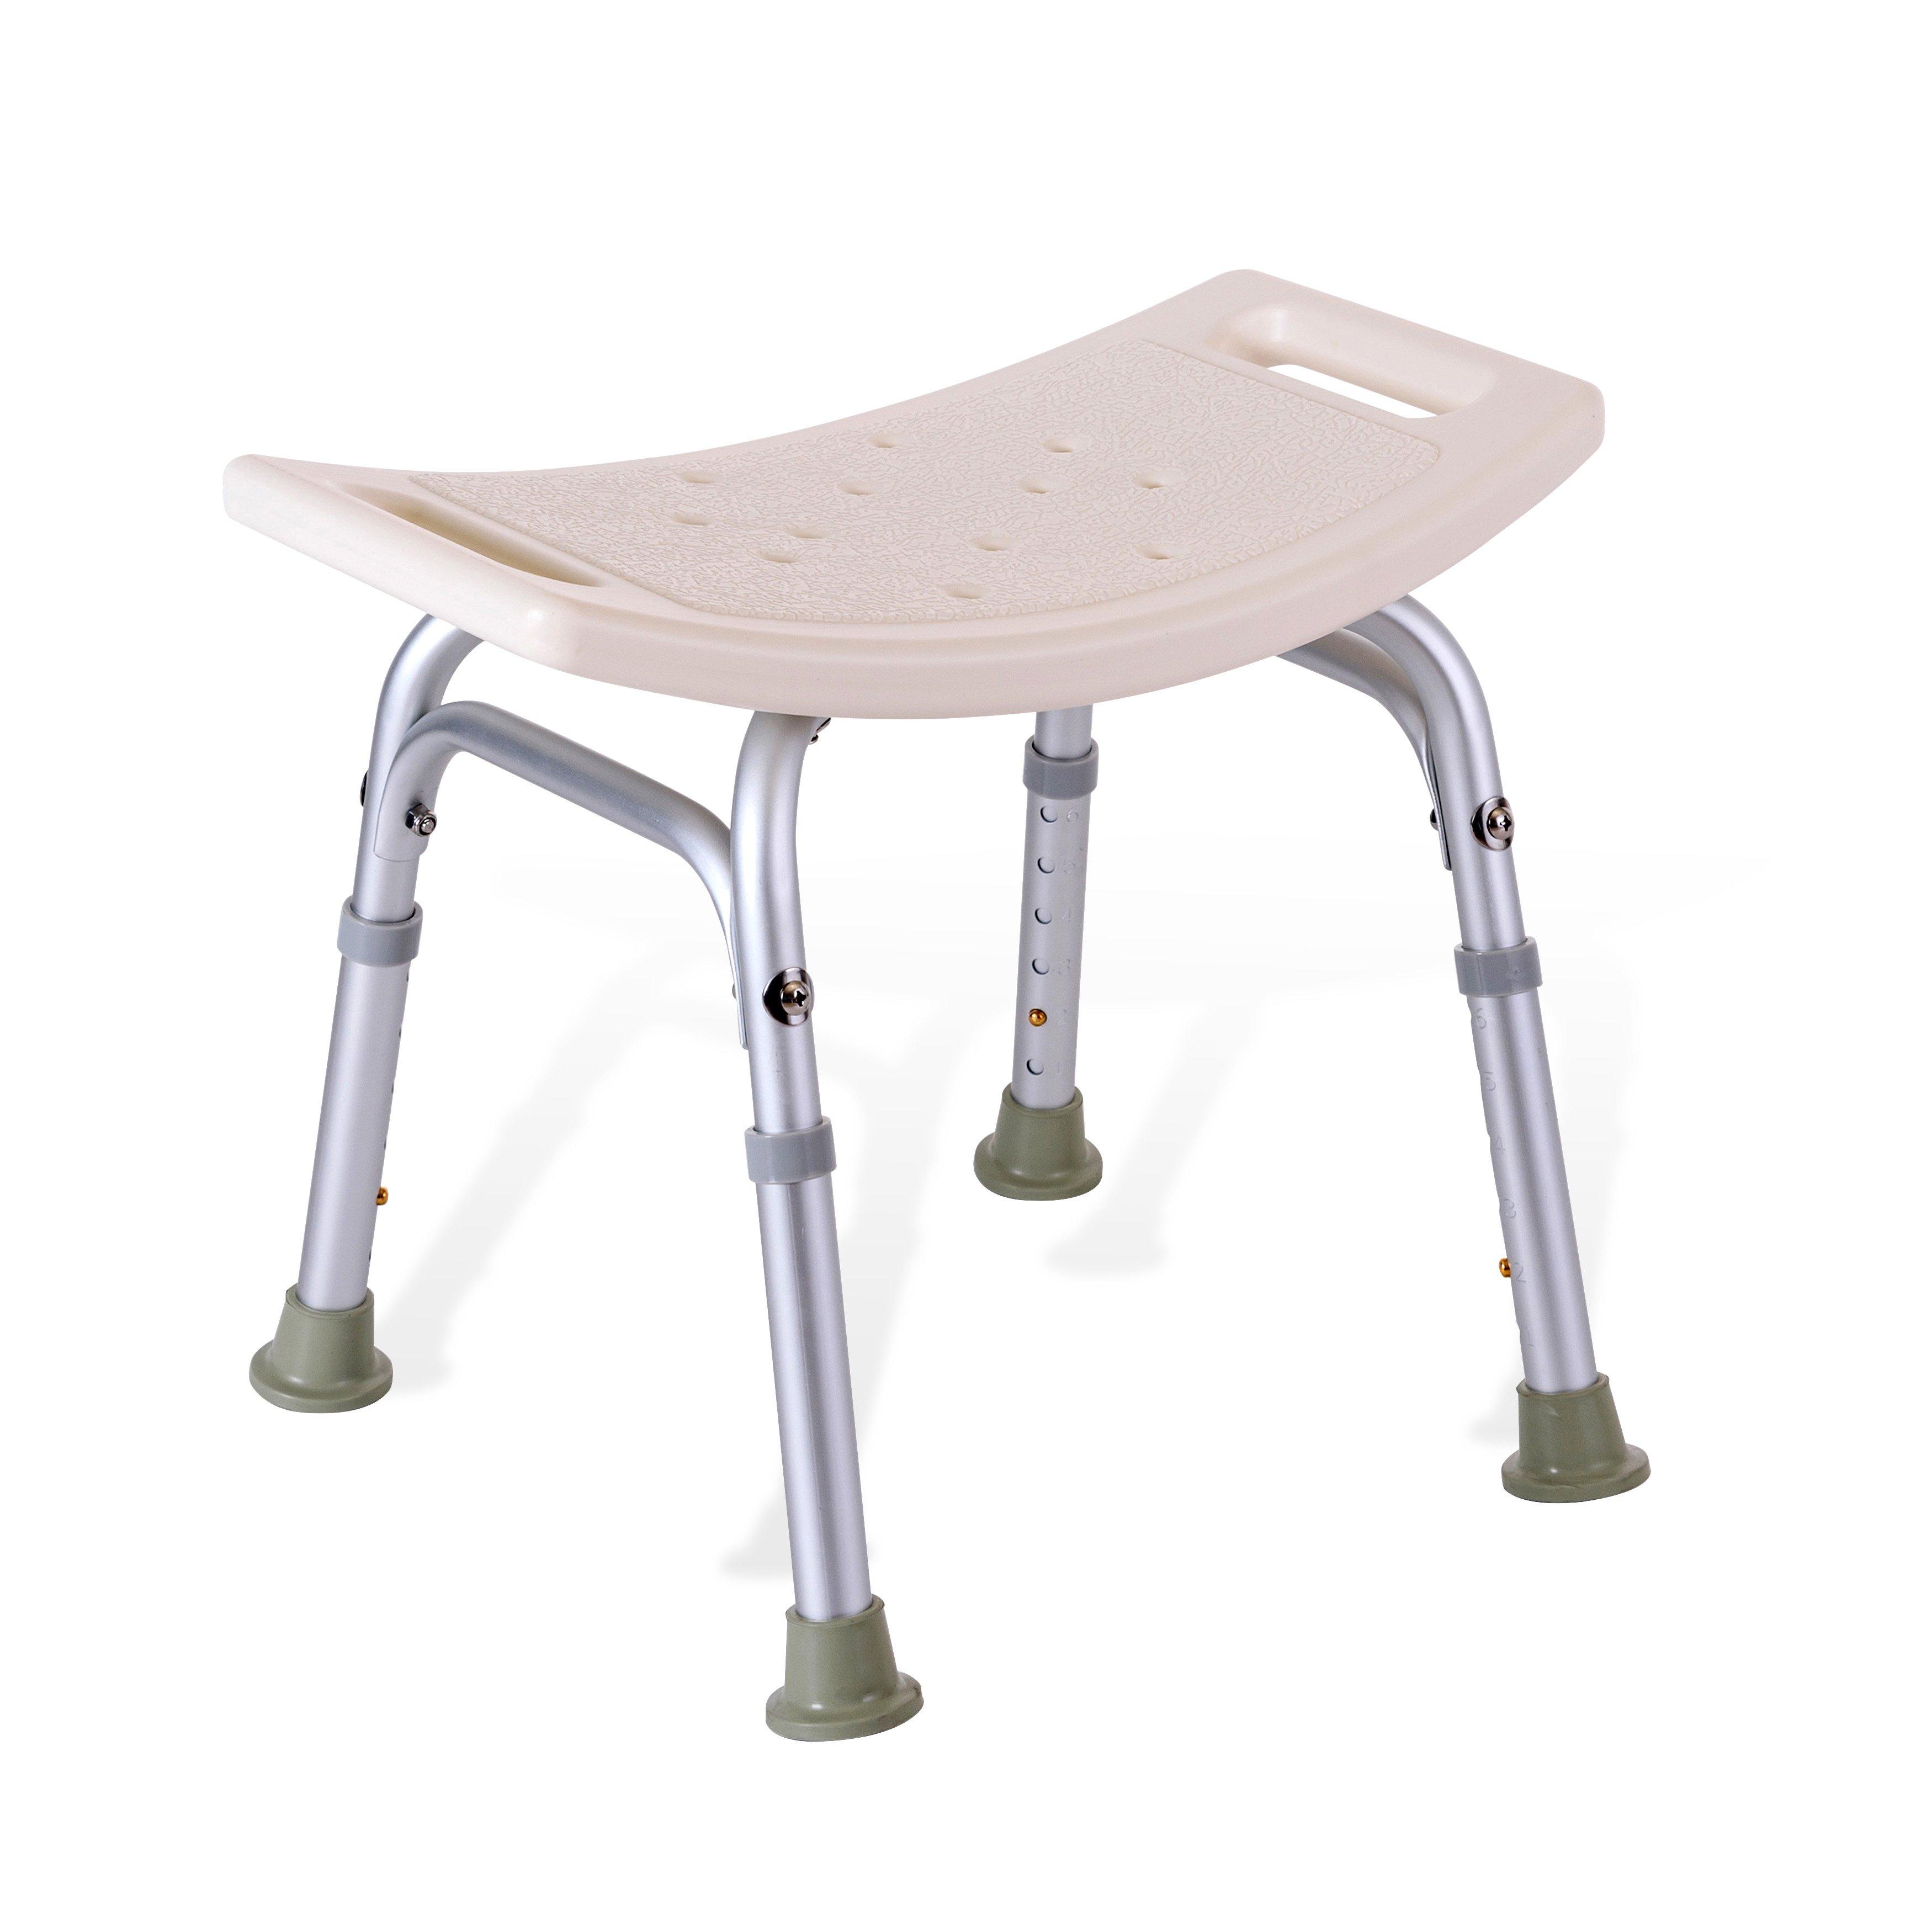 雅耐 尼龙折叠 老年人浴室洗澡淋浴椅 高档挂壁换鞋凳子